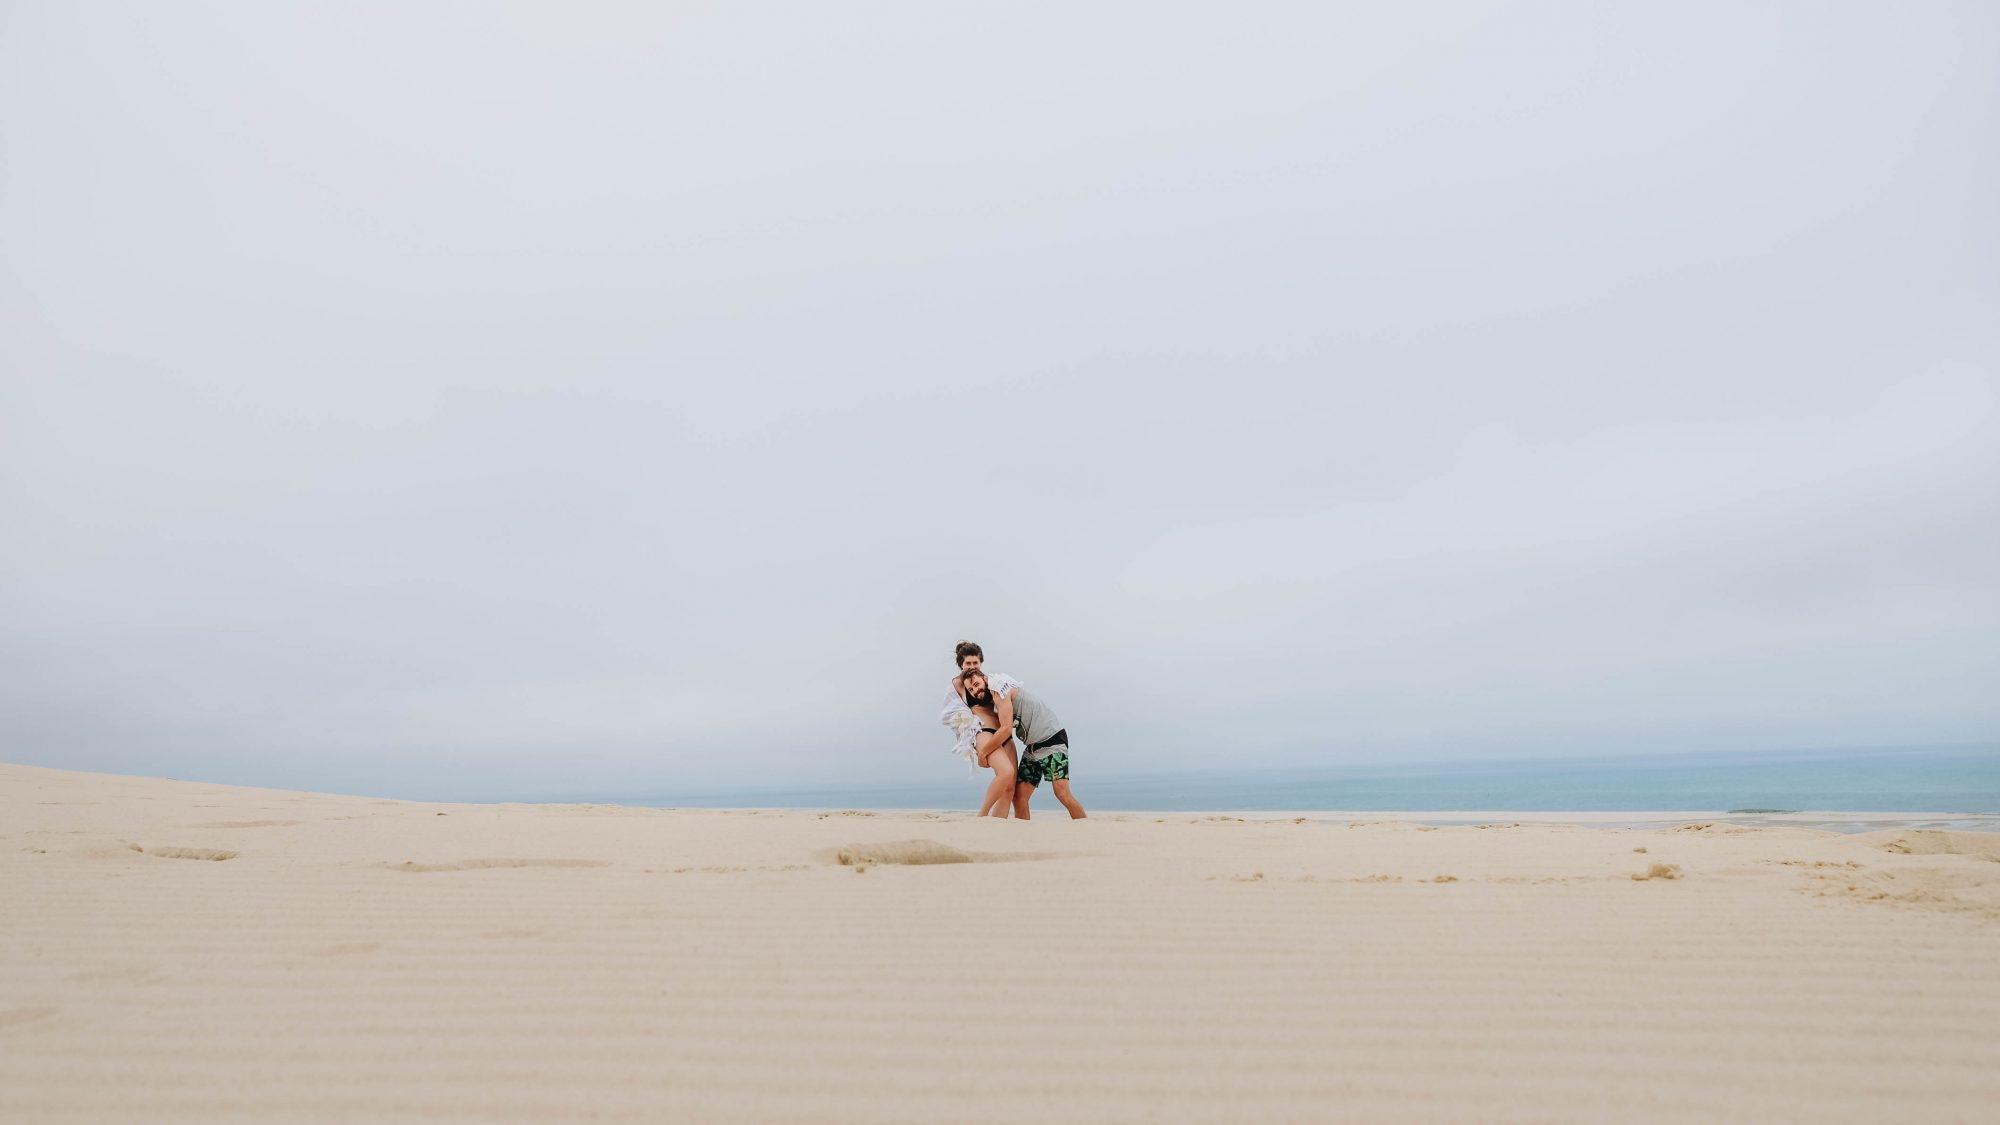 autoportrait - dune du pilat arcachon